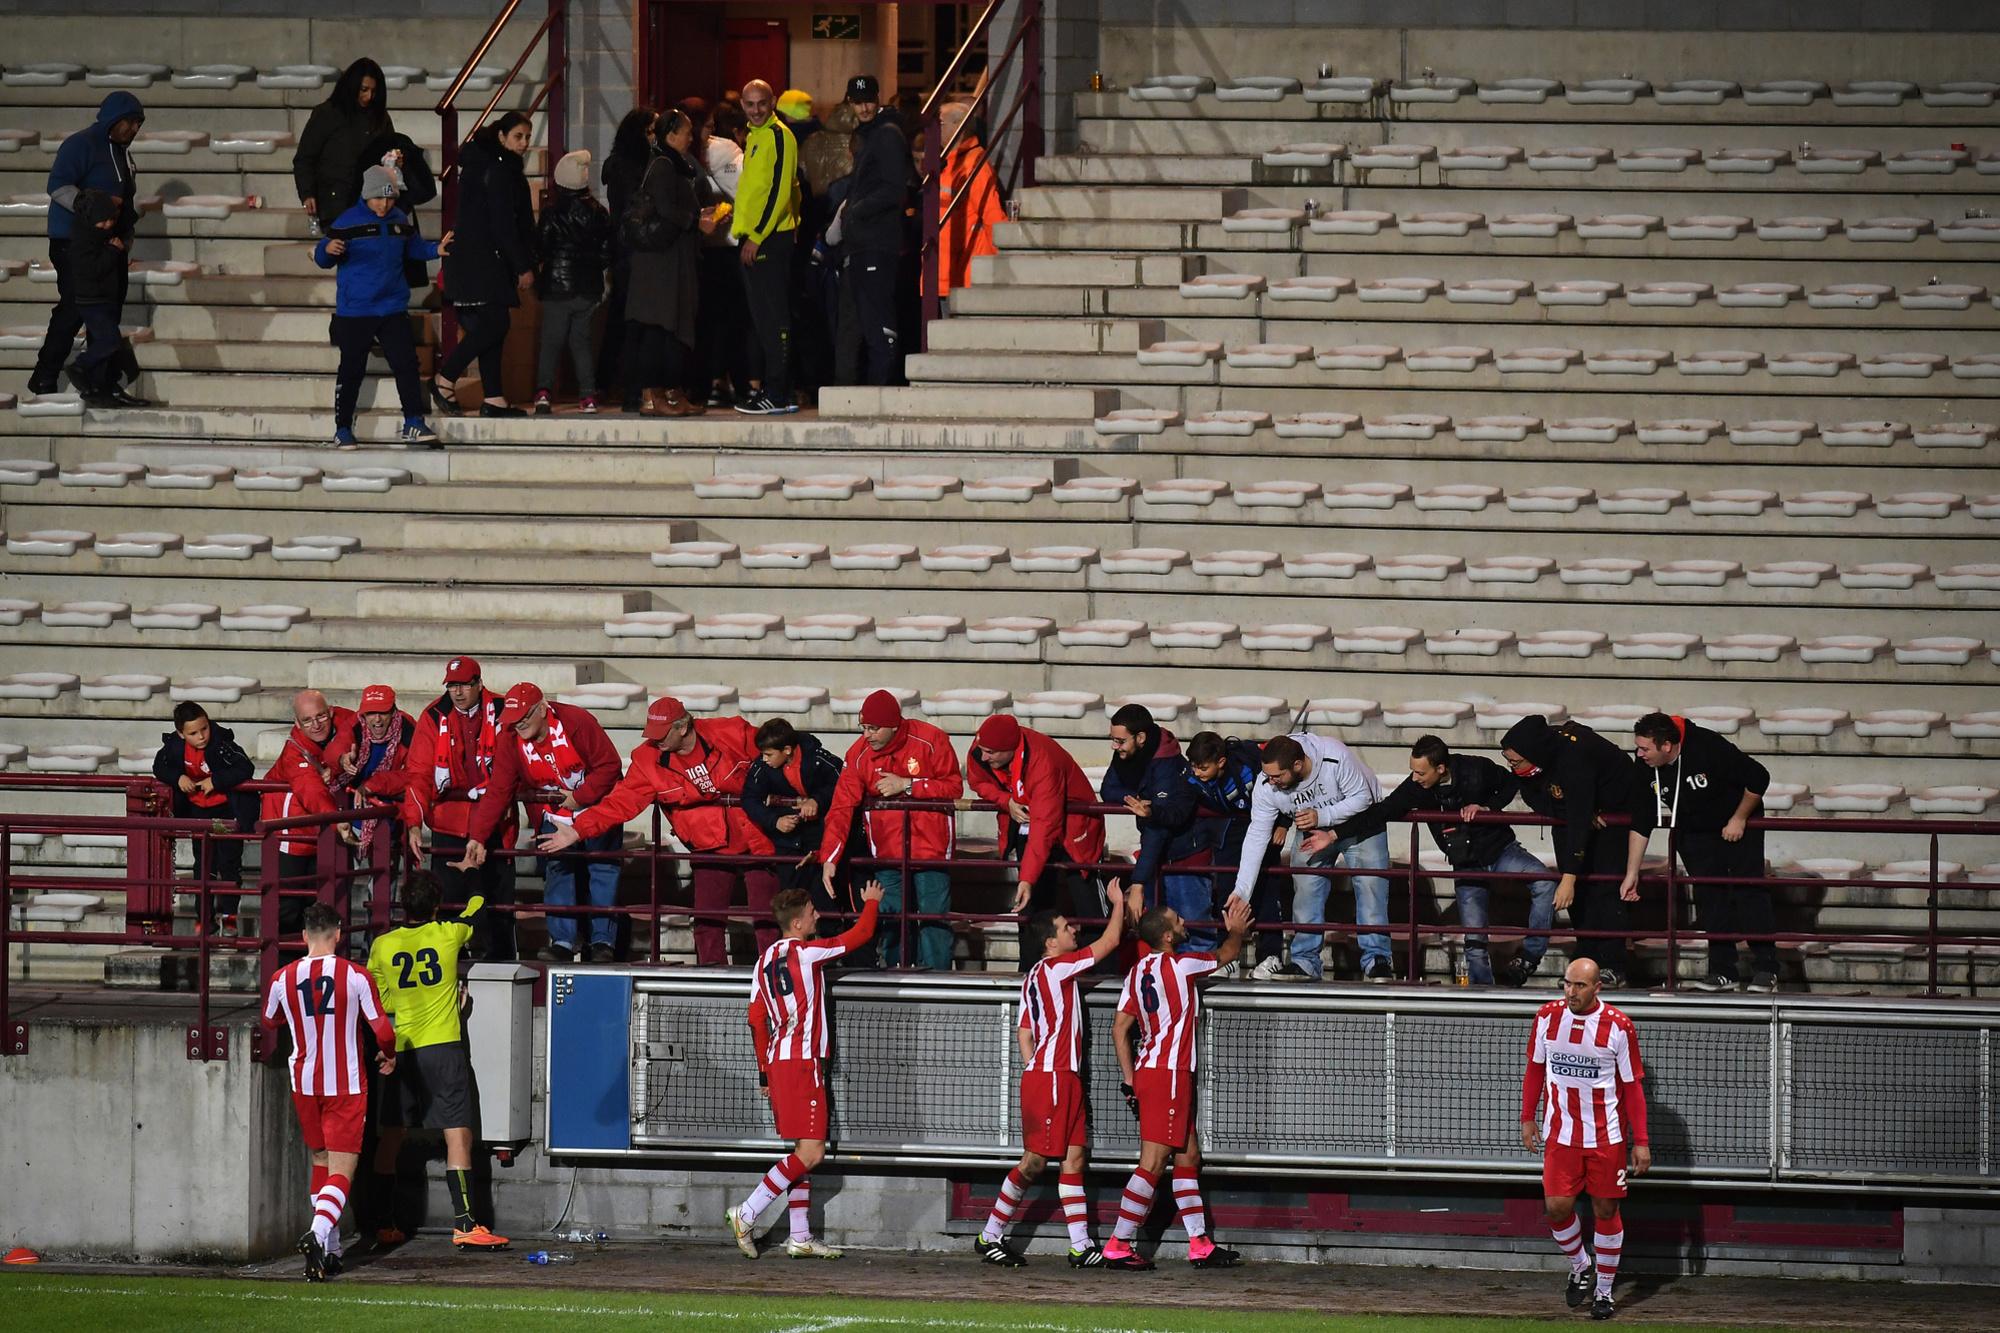 Quelques irréductibles n'ont pas quitté les tribunes du Tondreau, malgré la morosité sportive., belga